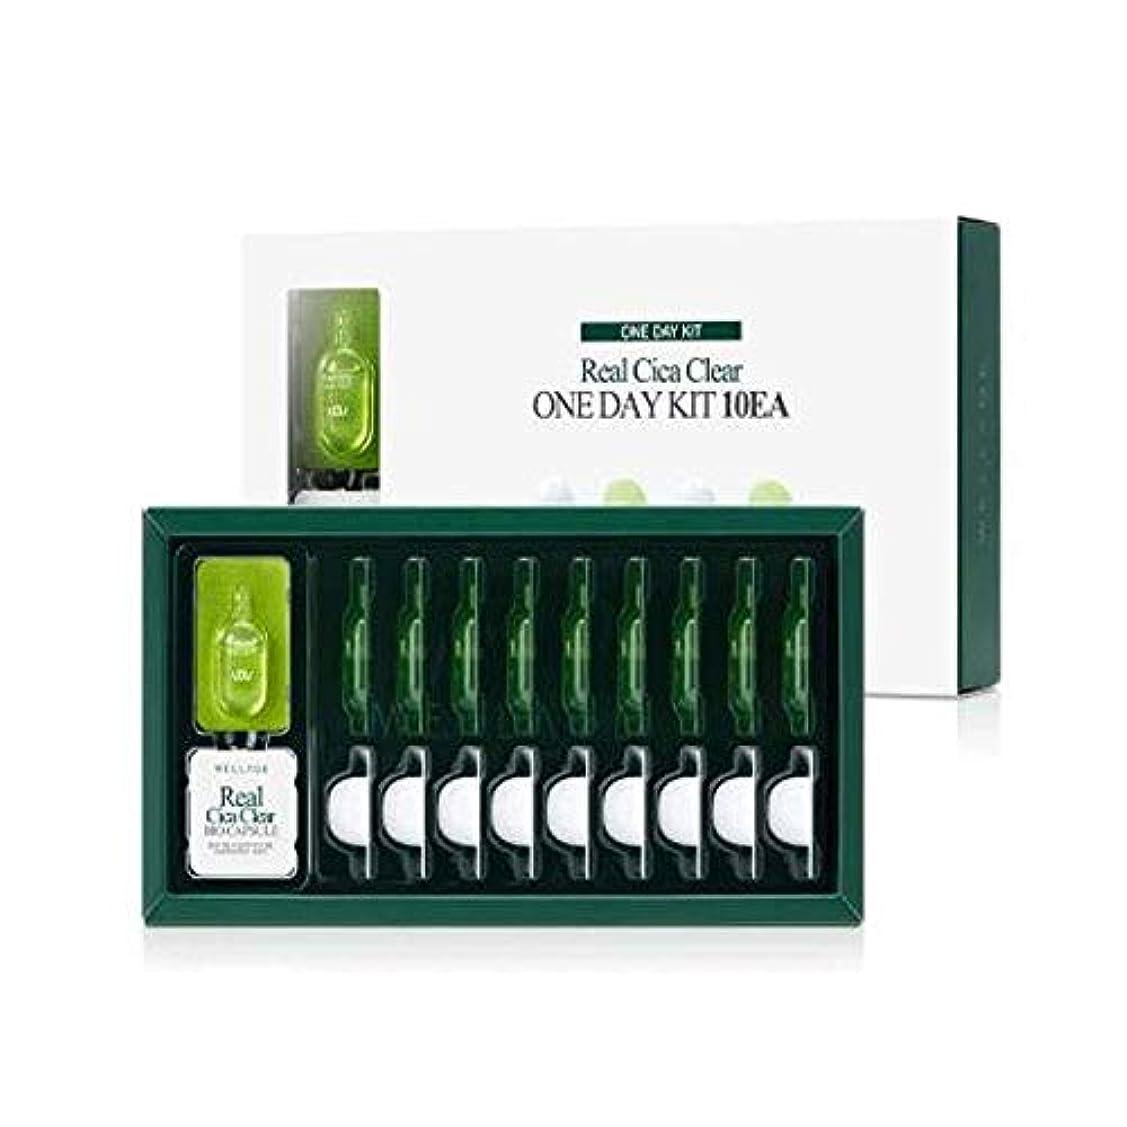 メーカー出発する光沢のあるWELLAGE(ウェラージュ) リアルシカクリアワンデイキット 10EA / Real Cica Clear One Day Kit